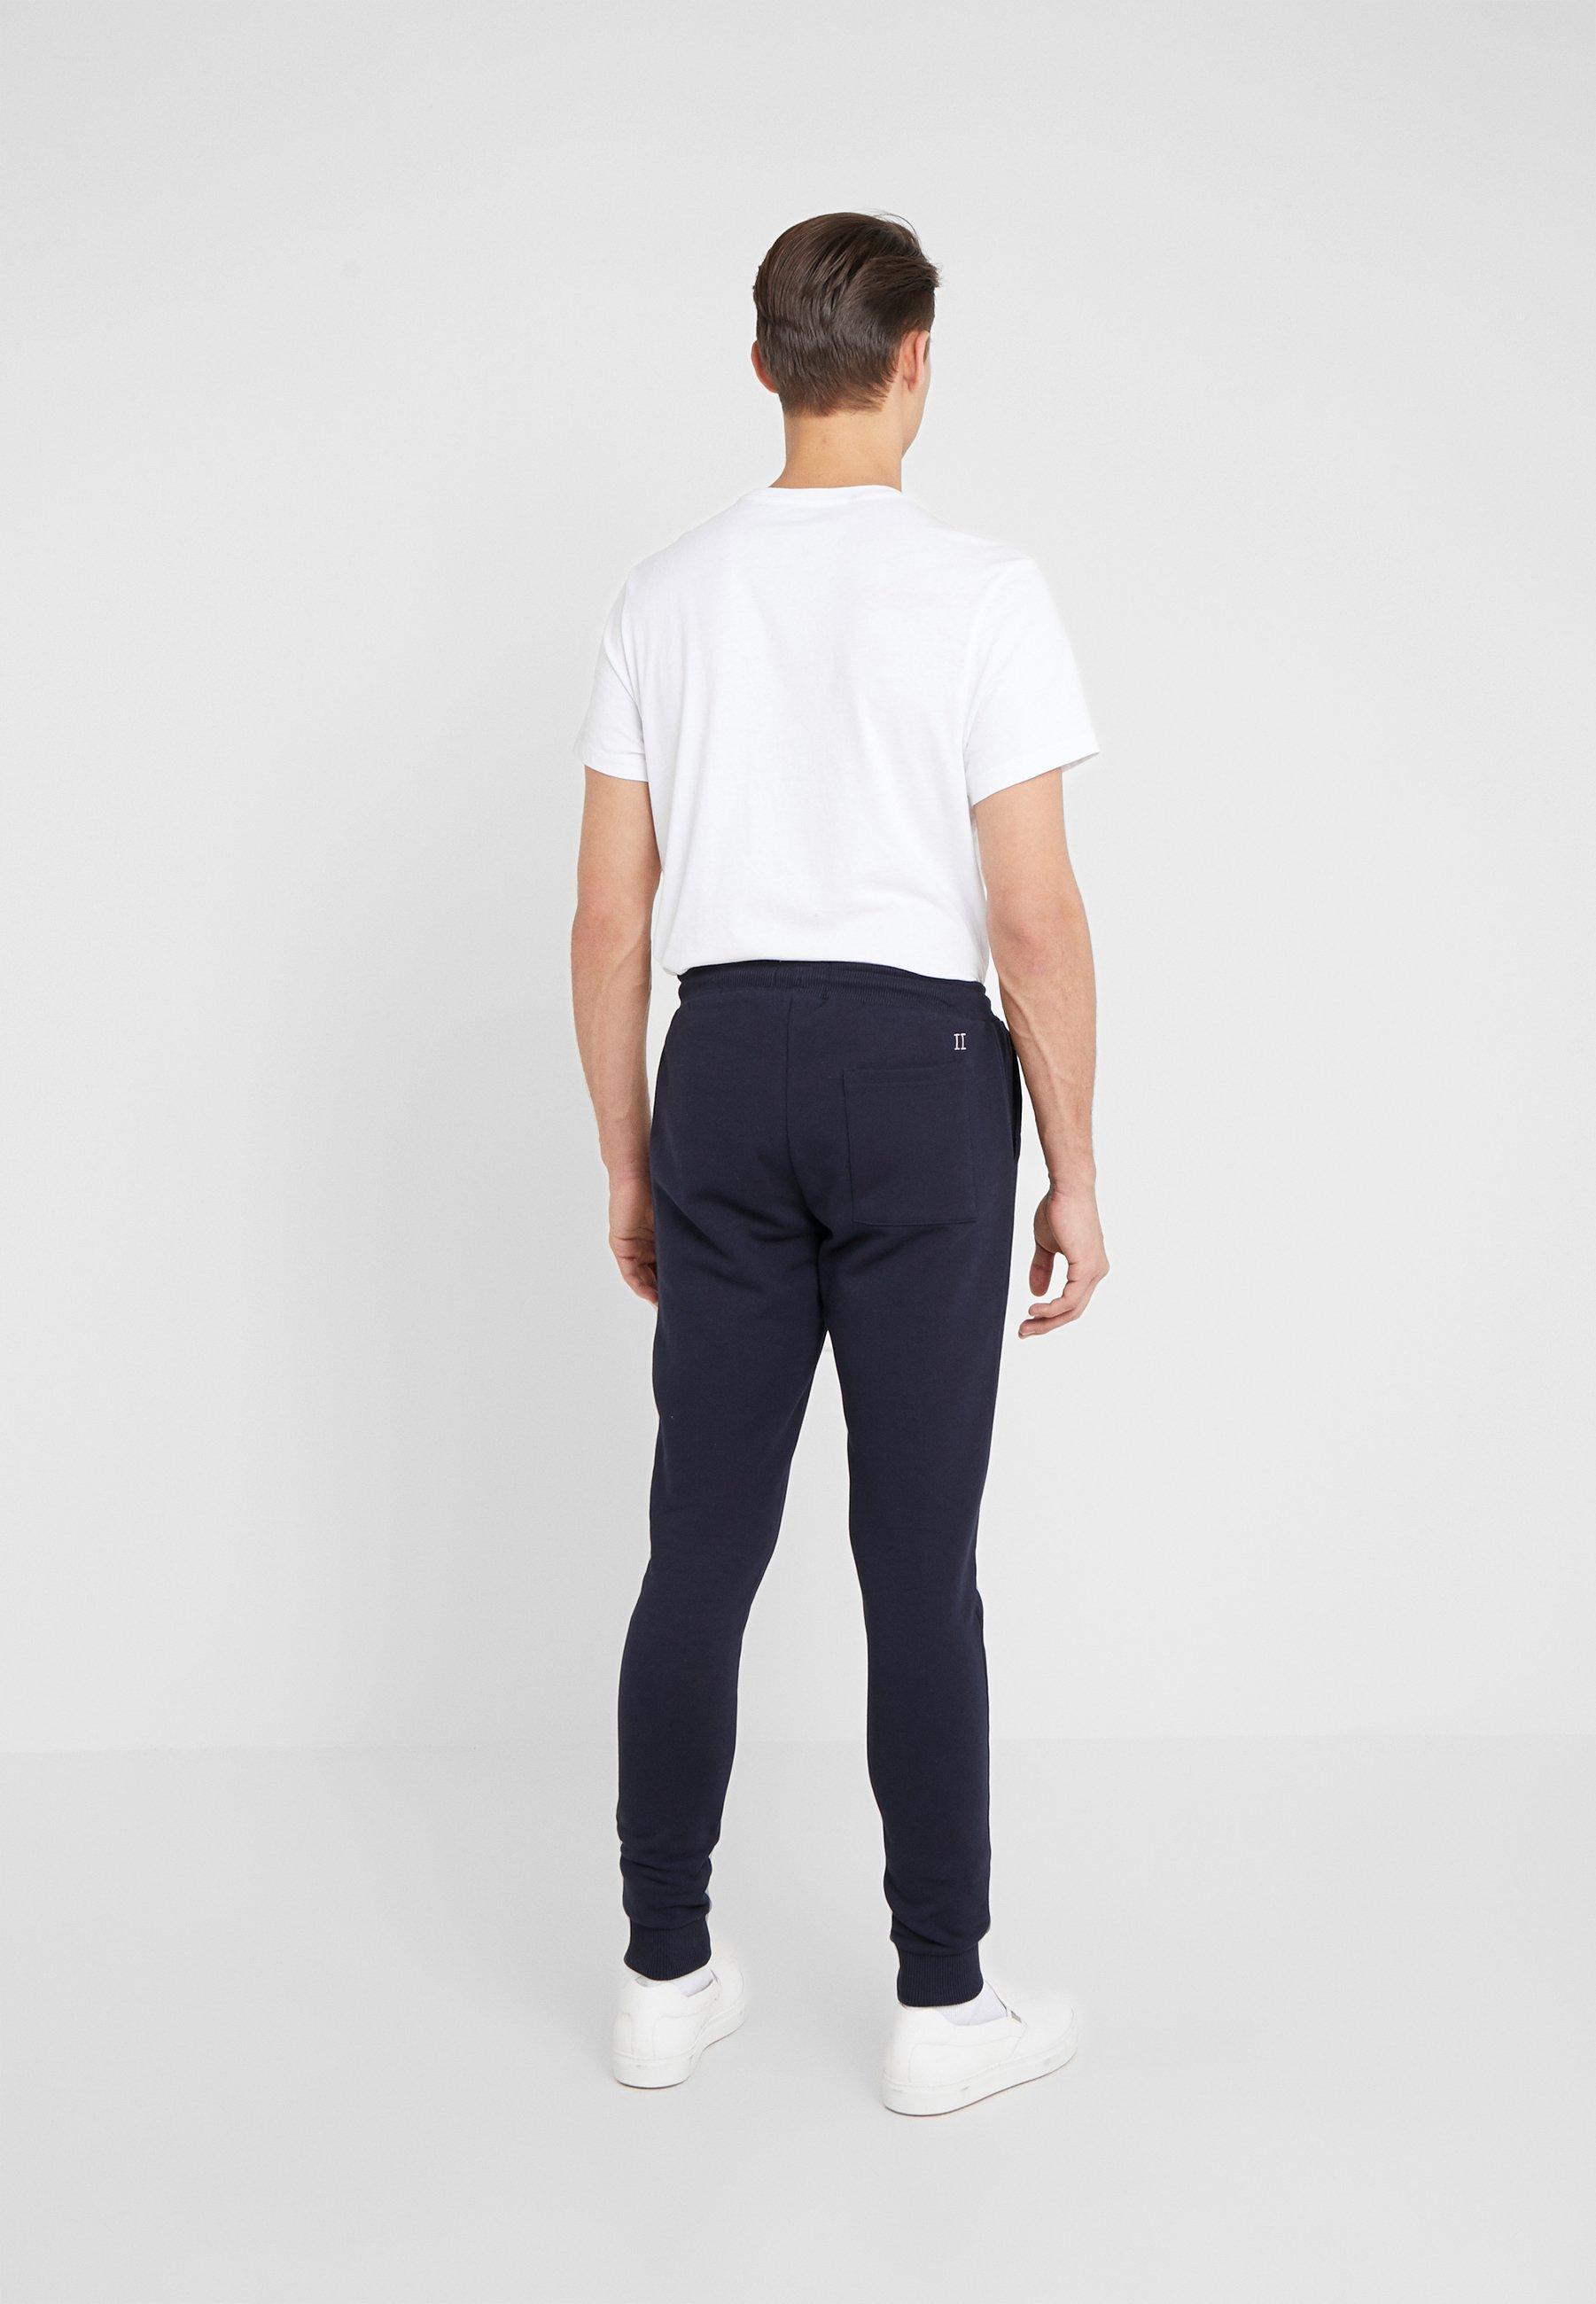 Les Deux Spodnie treningowe - navy/lavender